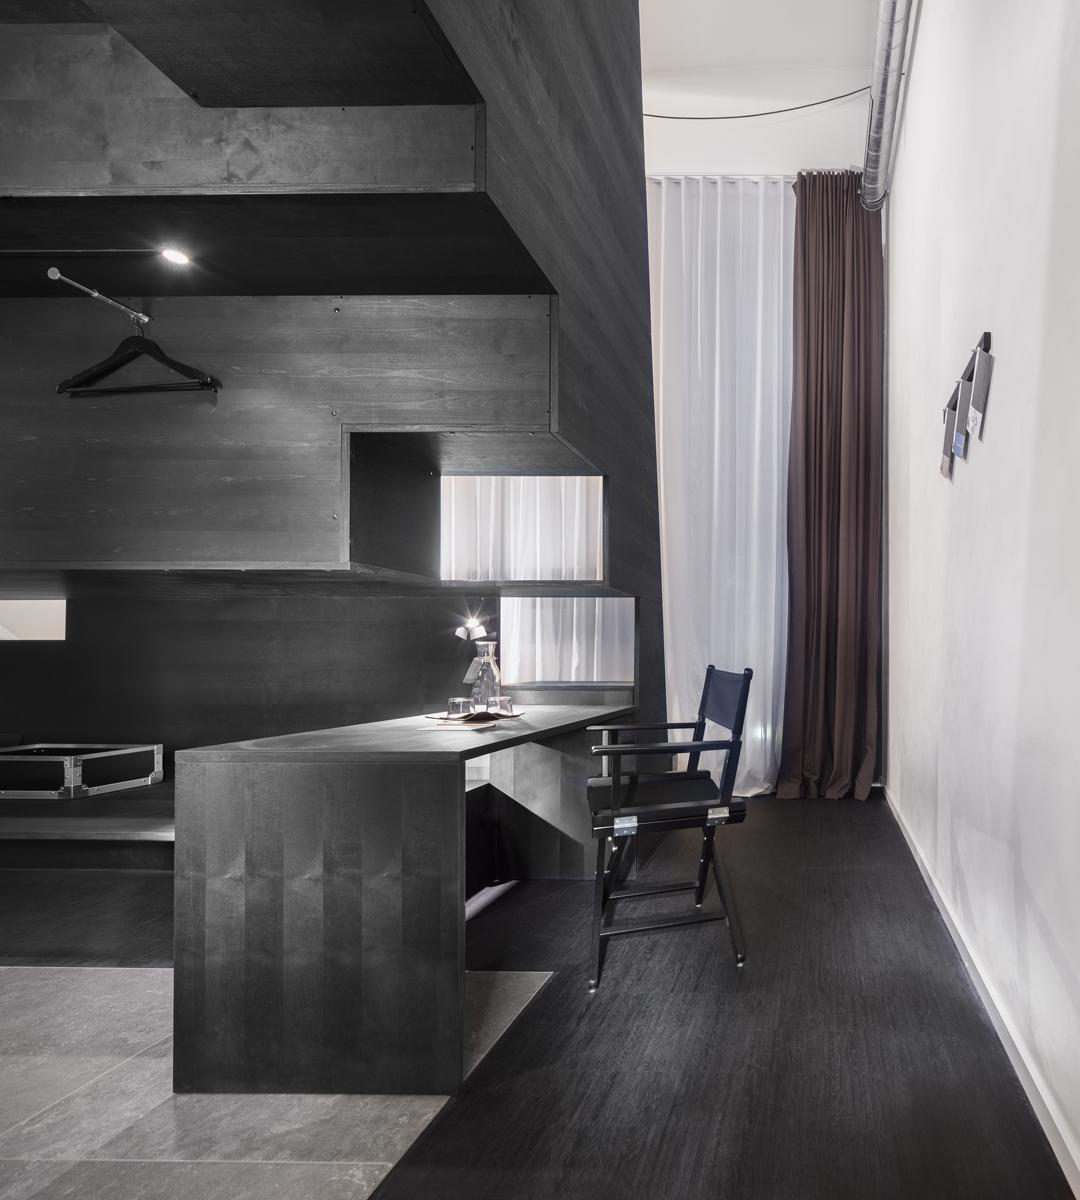 Blick von Hotelzimmertür Richtung Fenster zeigt die Nutzung unter dem multifunktionalen Treppenelement. Bild: Werner Huthmacher